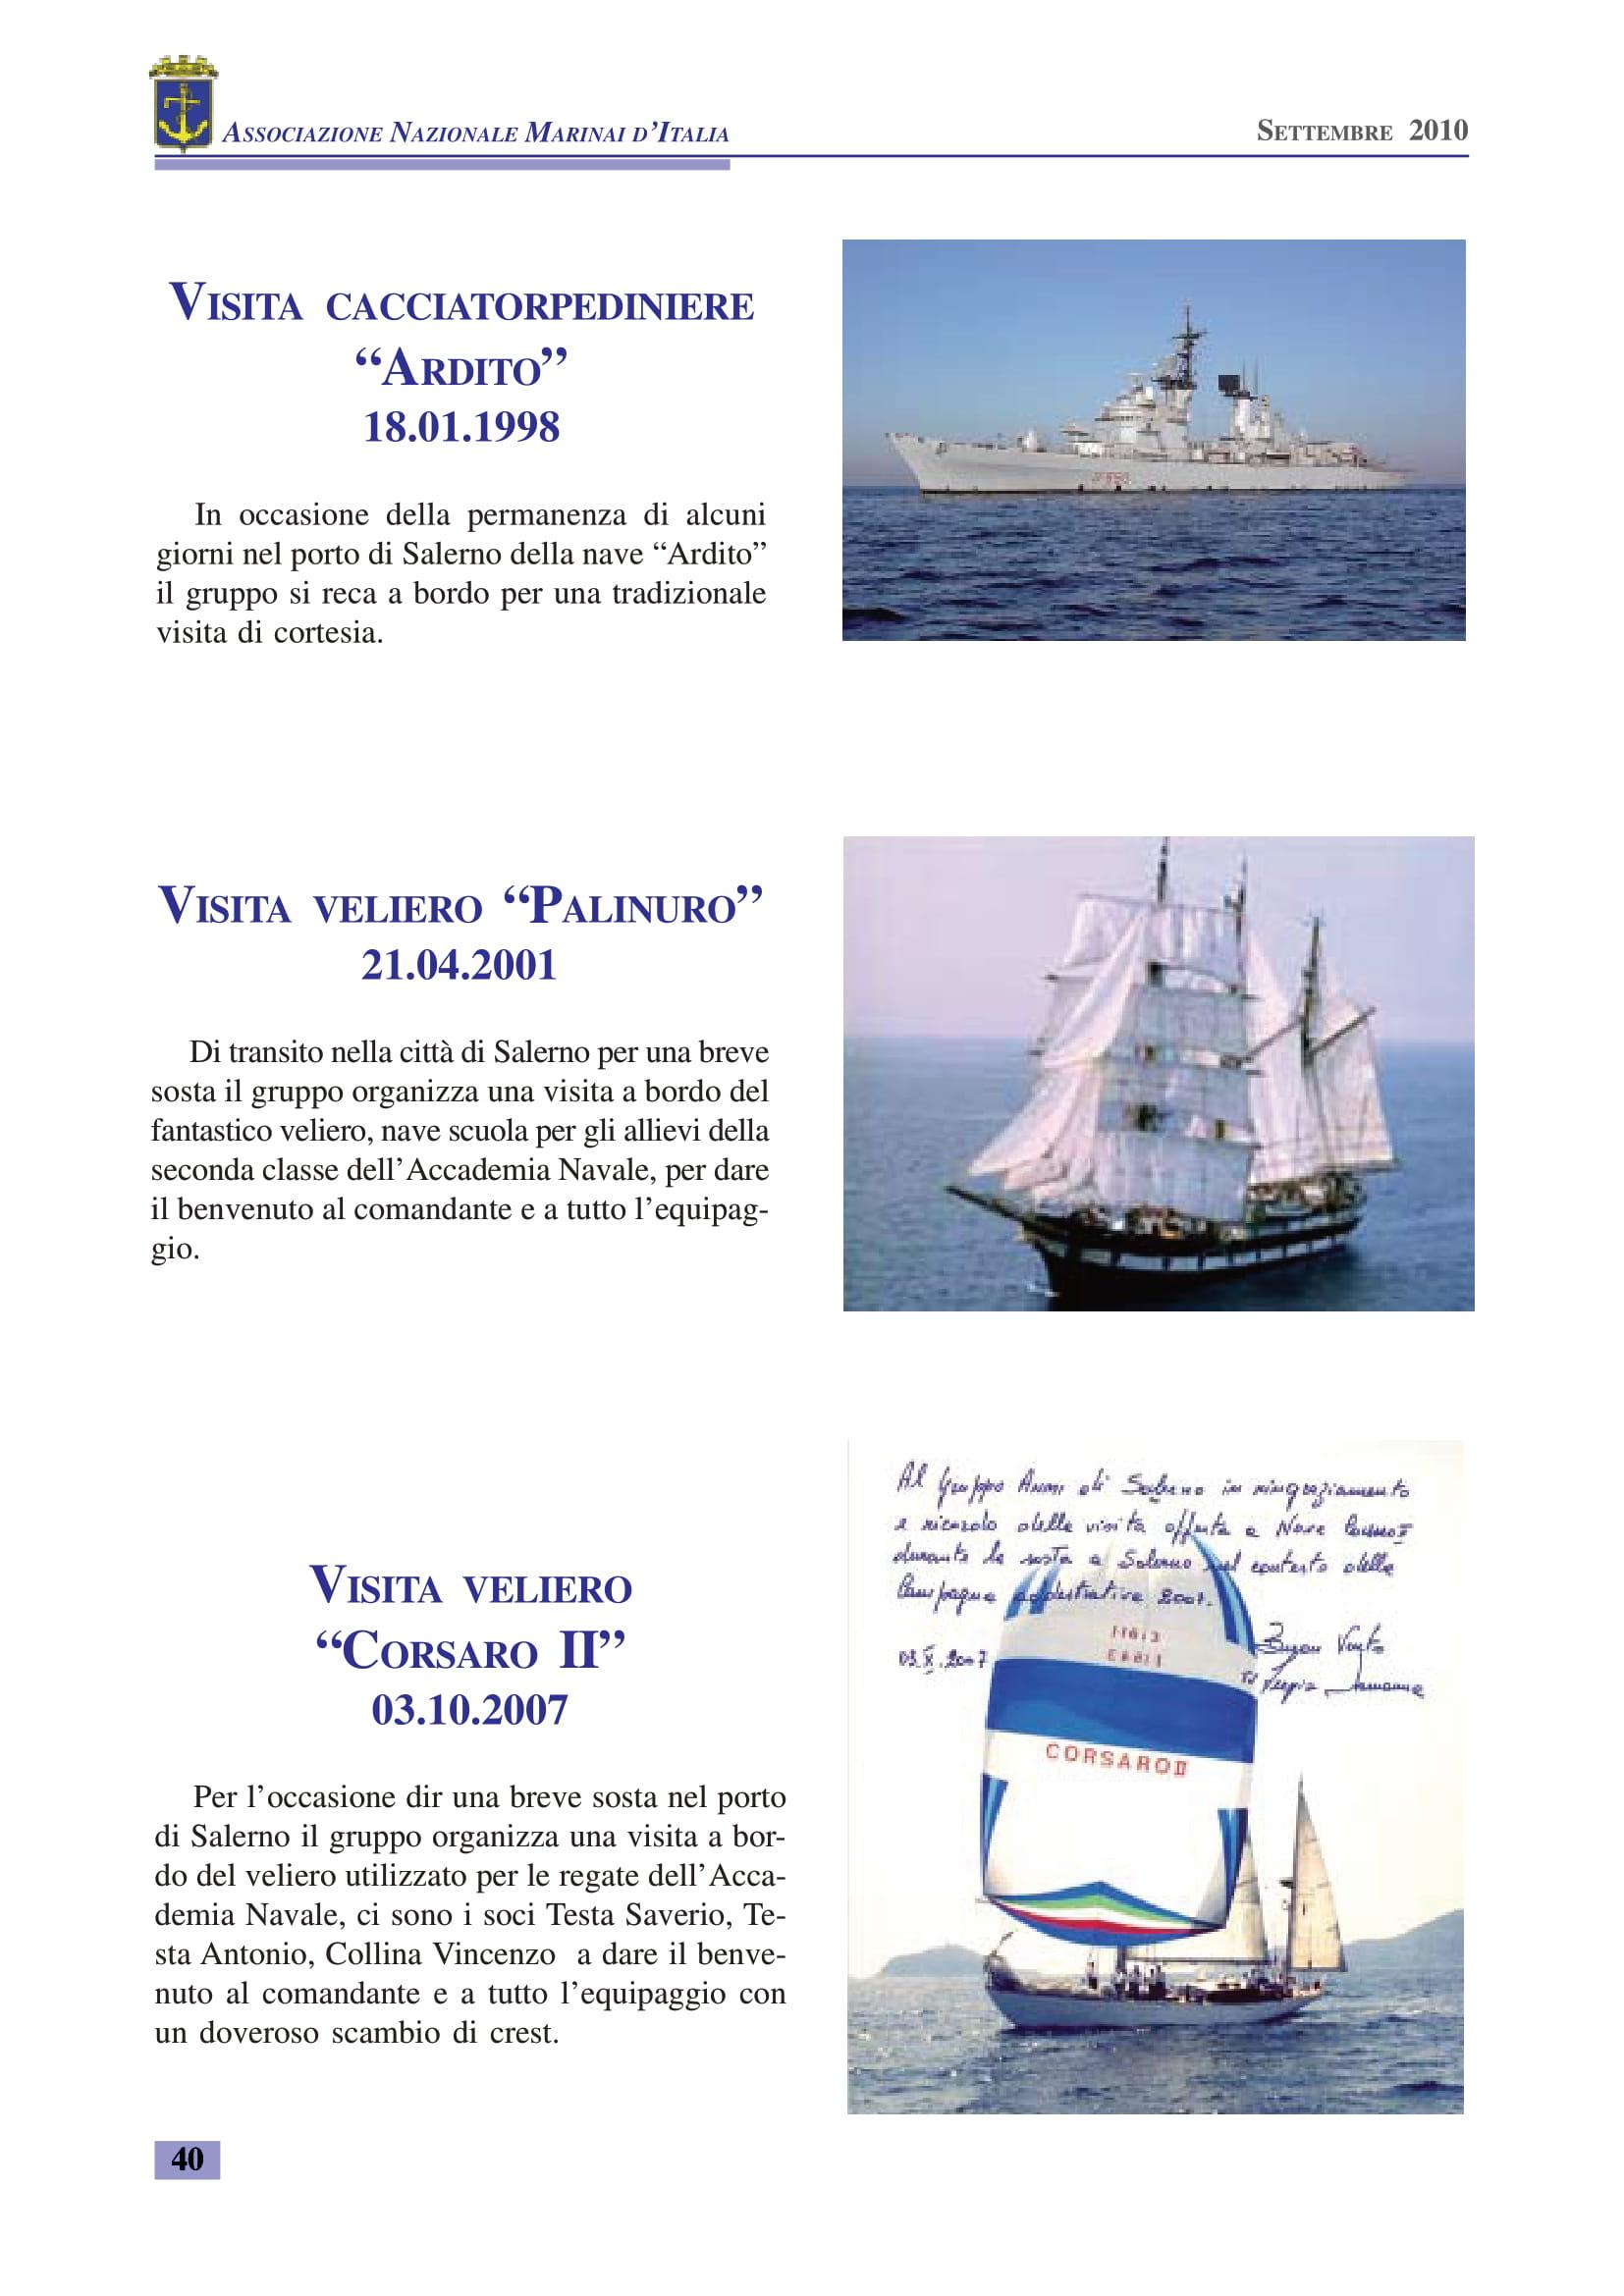 Ass. marinai-40